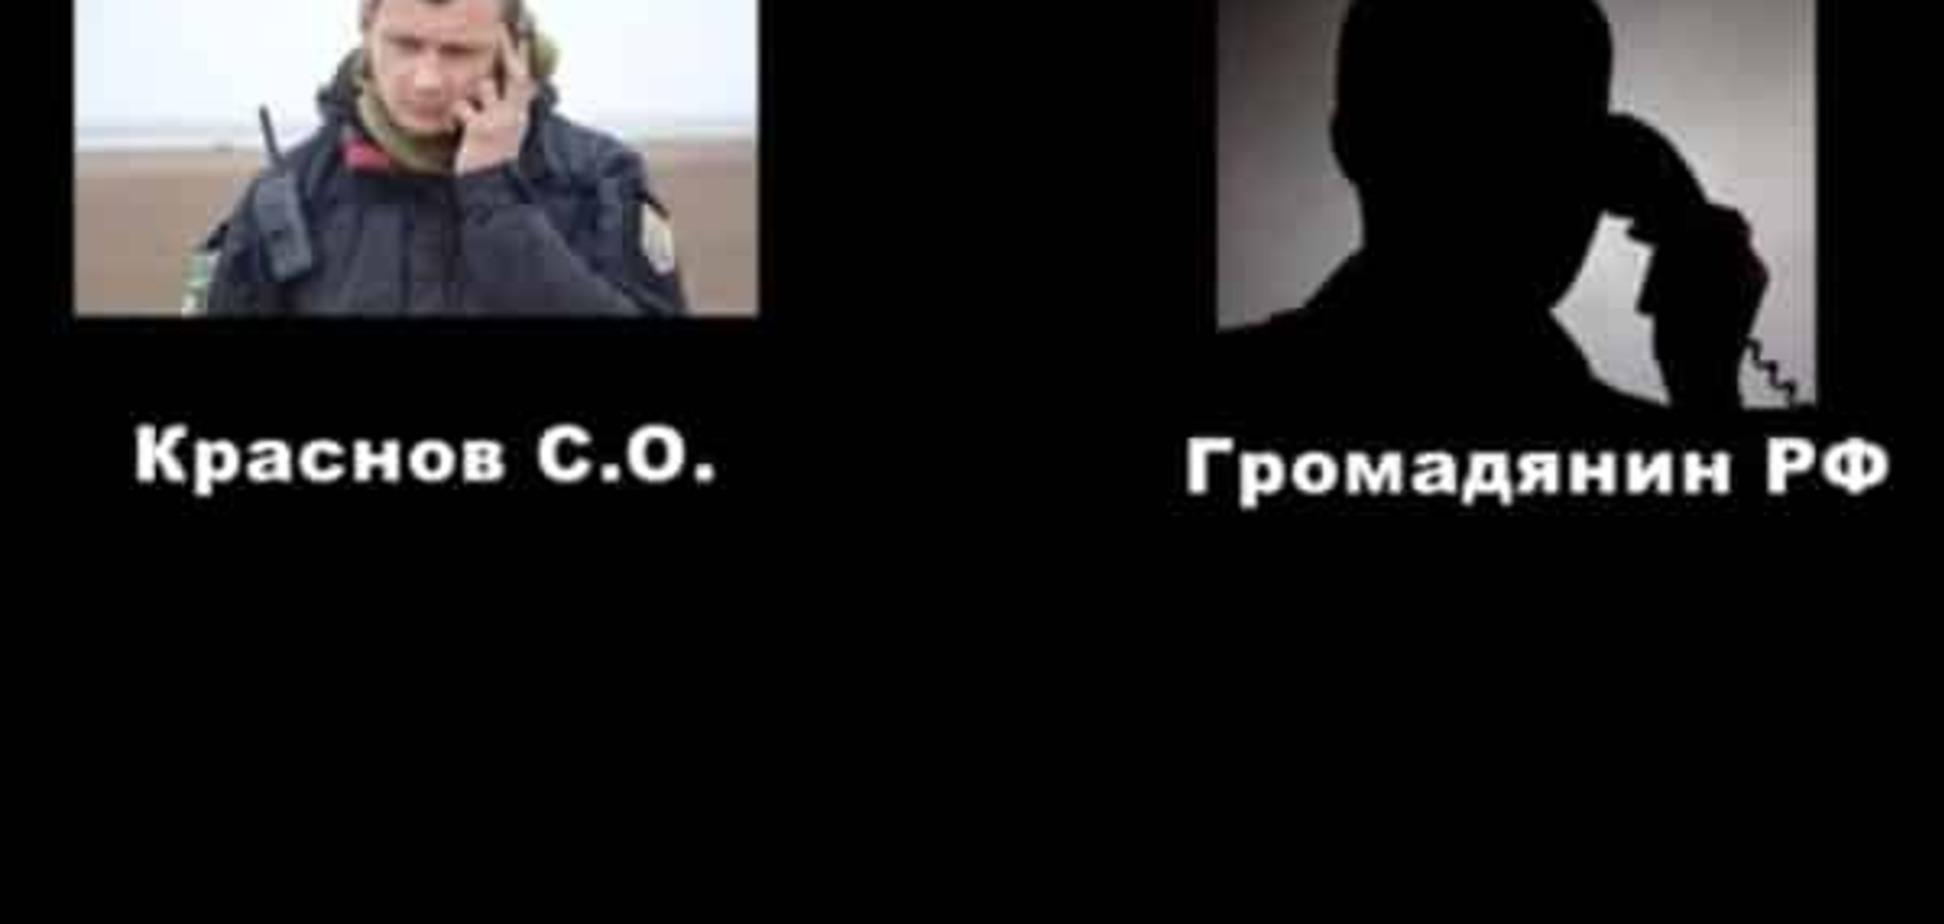 СБУ опубликовала запись разговора Краснова с российским куратором